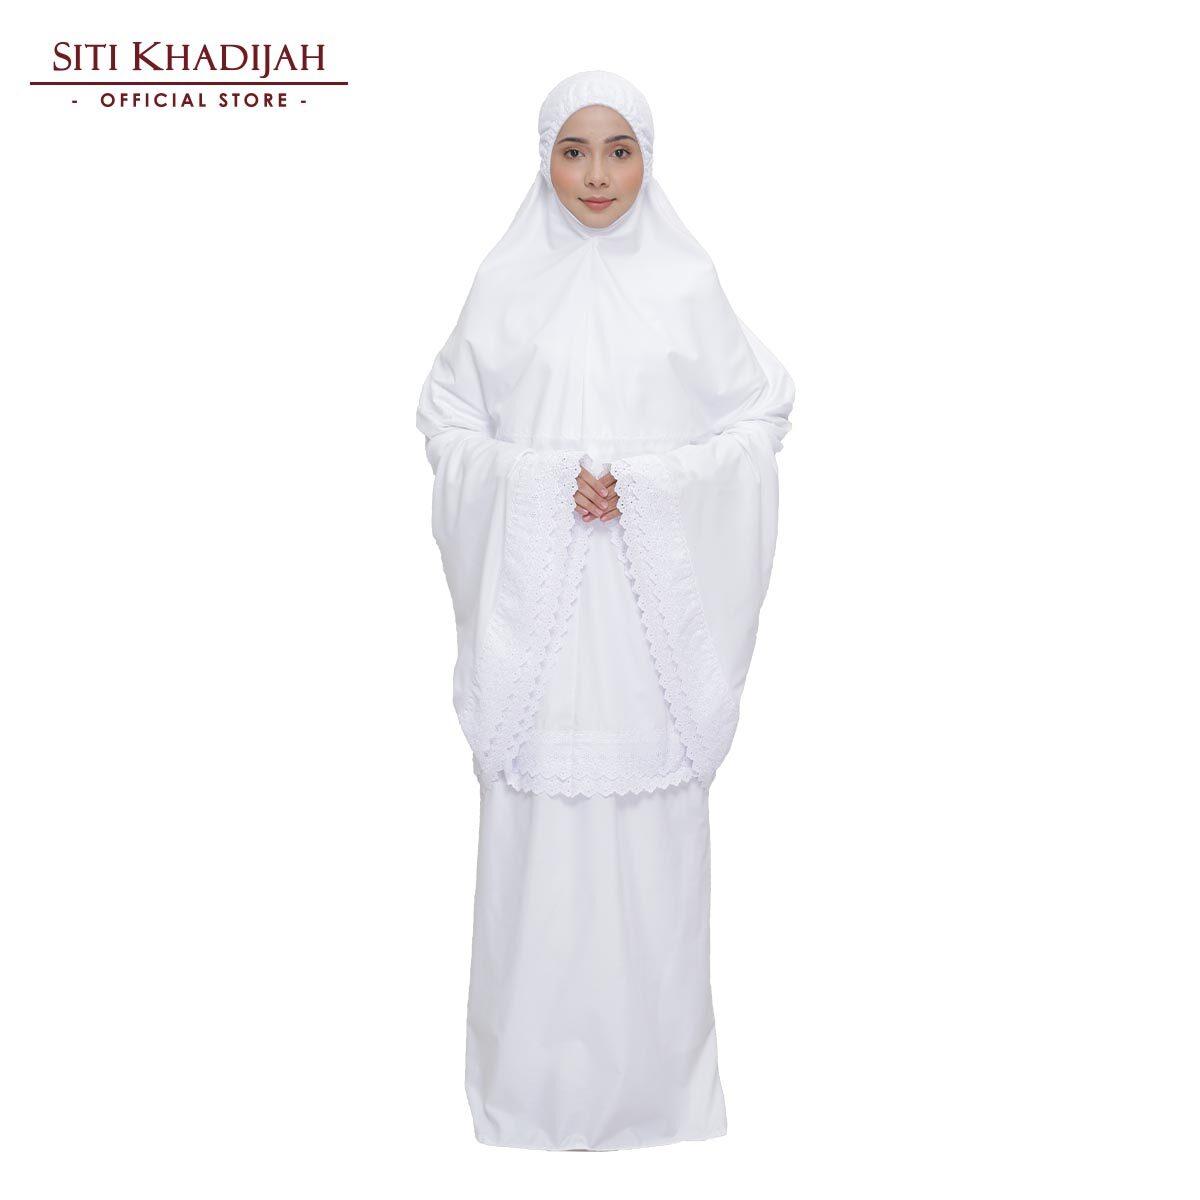 Siti Khadijah Telekung Signature Melati